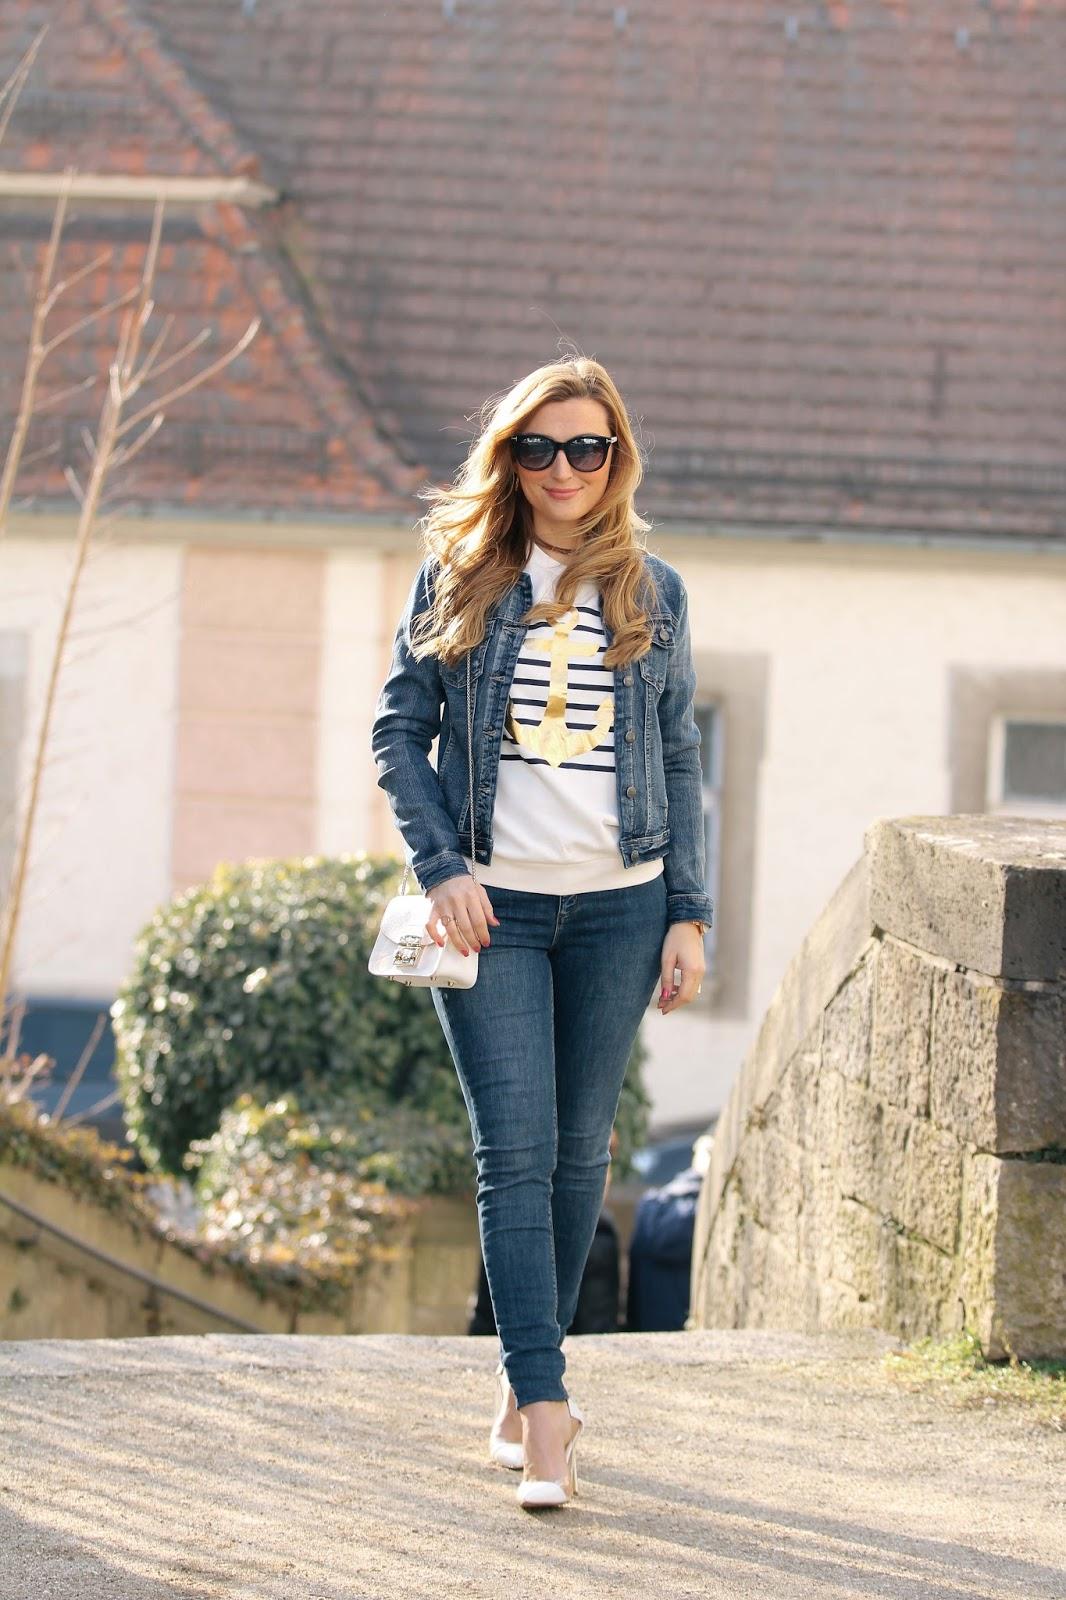 Blogger-mit-jeans-jacke-weiße-high-heels-jessica-buurman